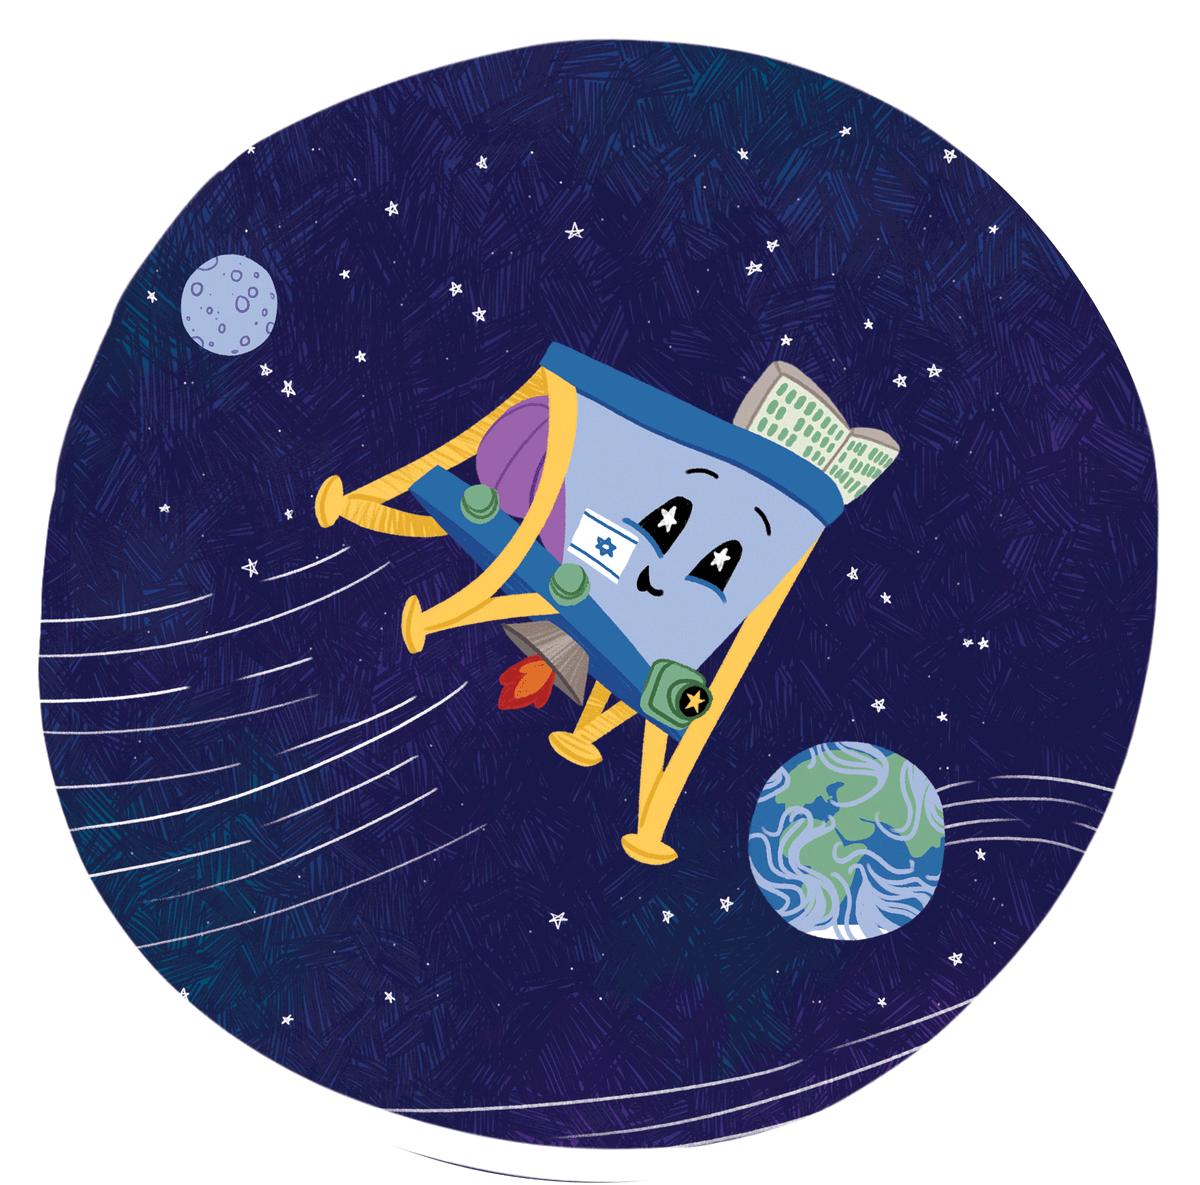 Лунная миссия «Берешит» — четвертый маневр завершен успешно, идет подготовка к выходу на Лунную орбиту